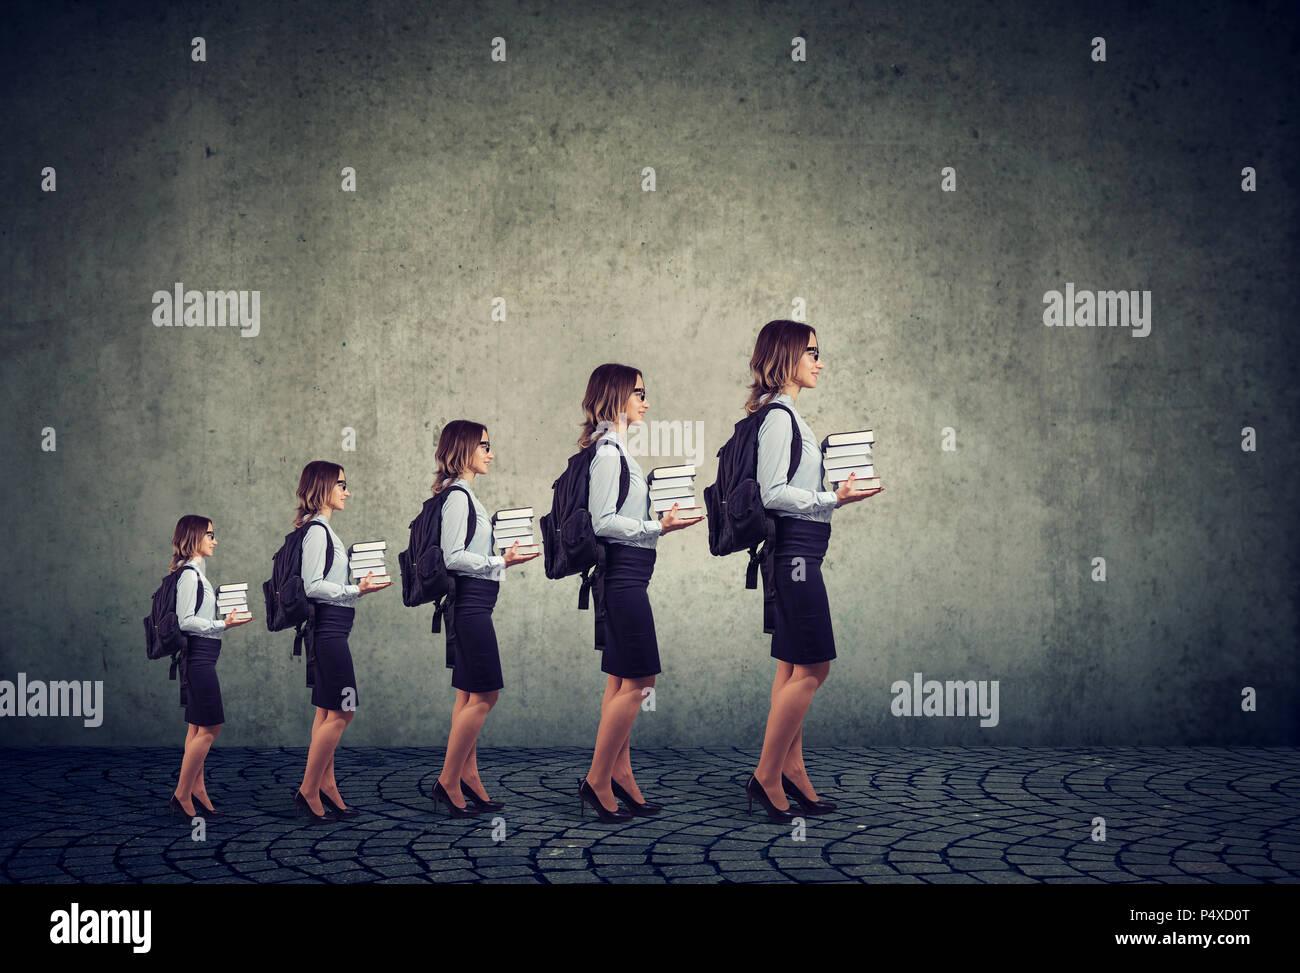 Femme cultivée avec succès. Les progrès accomplis dans l'enseignement professionnel et de carrière concept de croissance Photo Stock